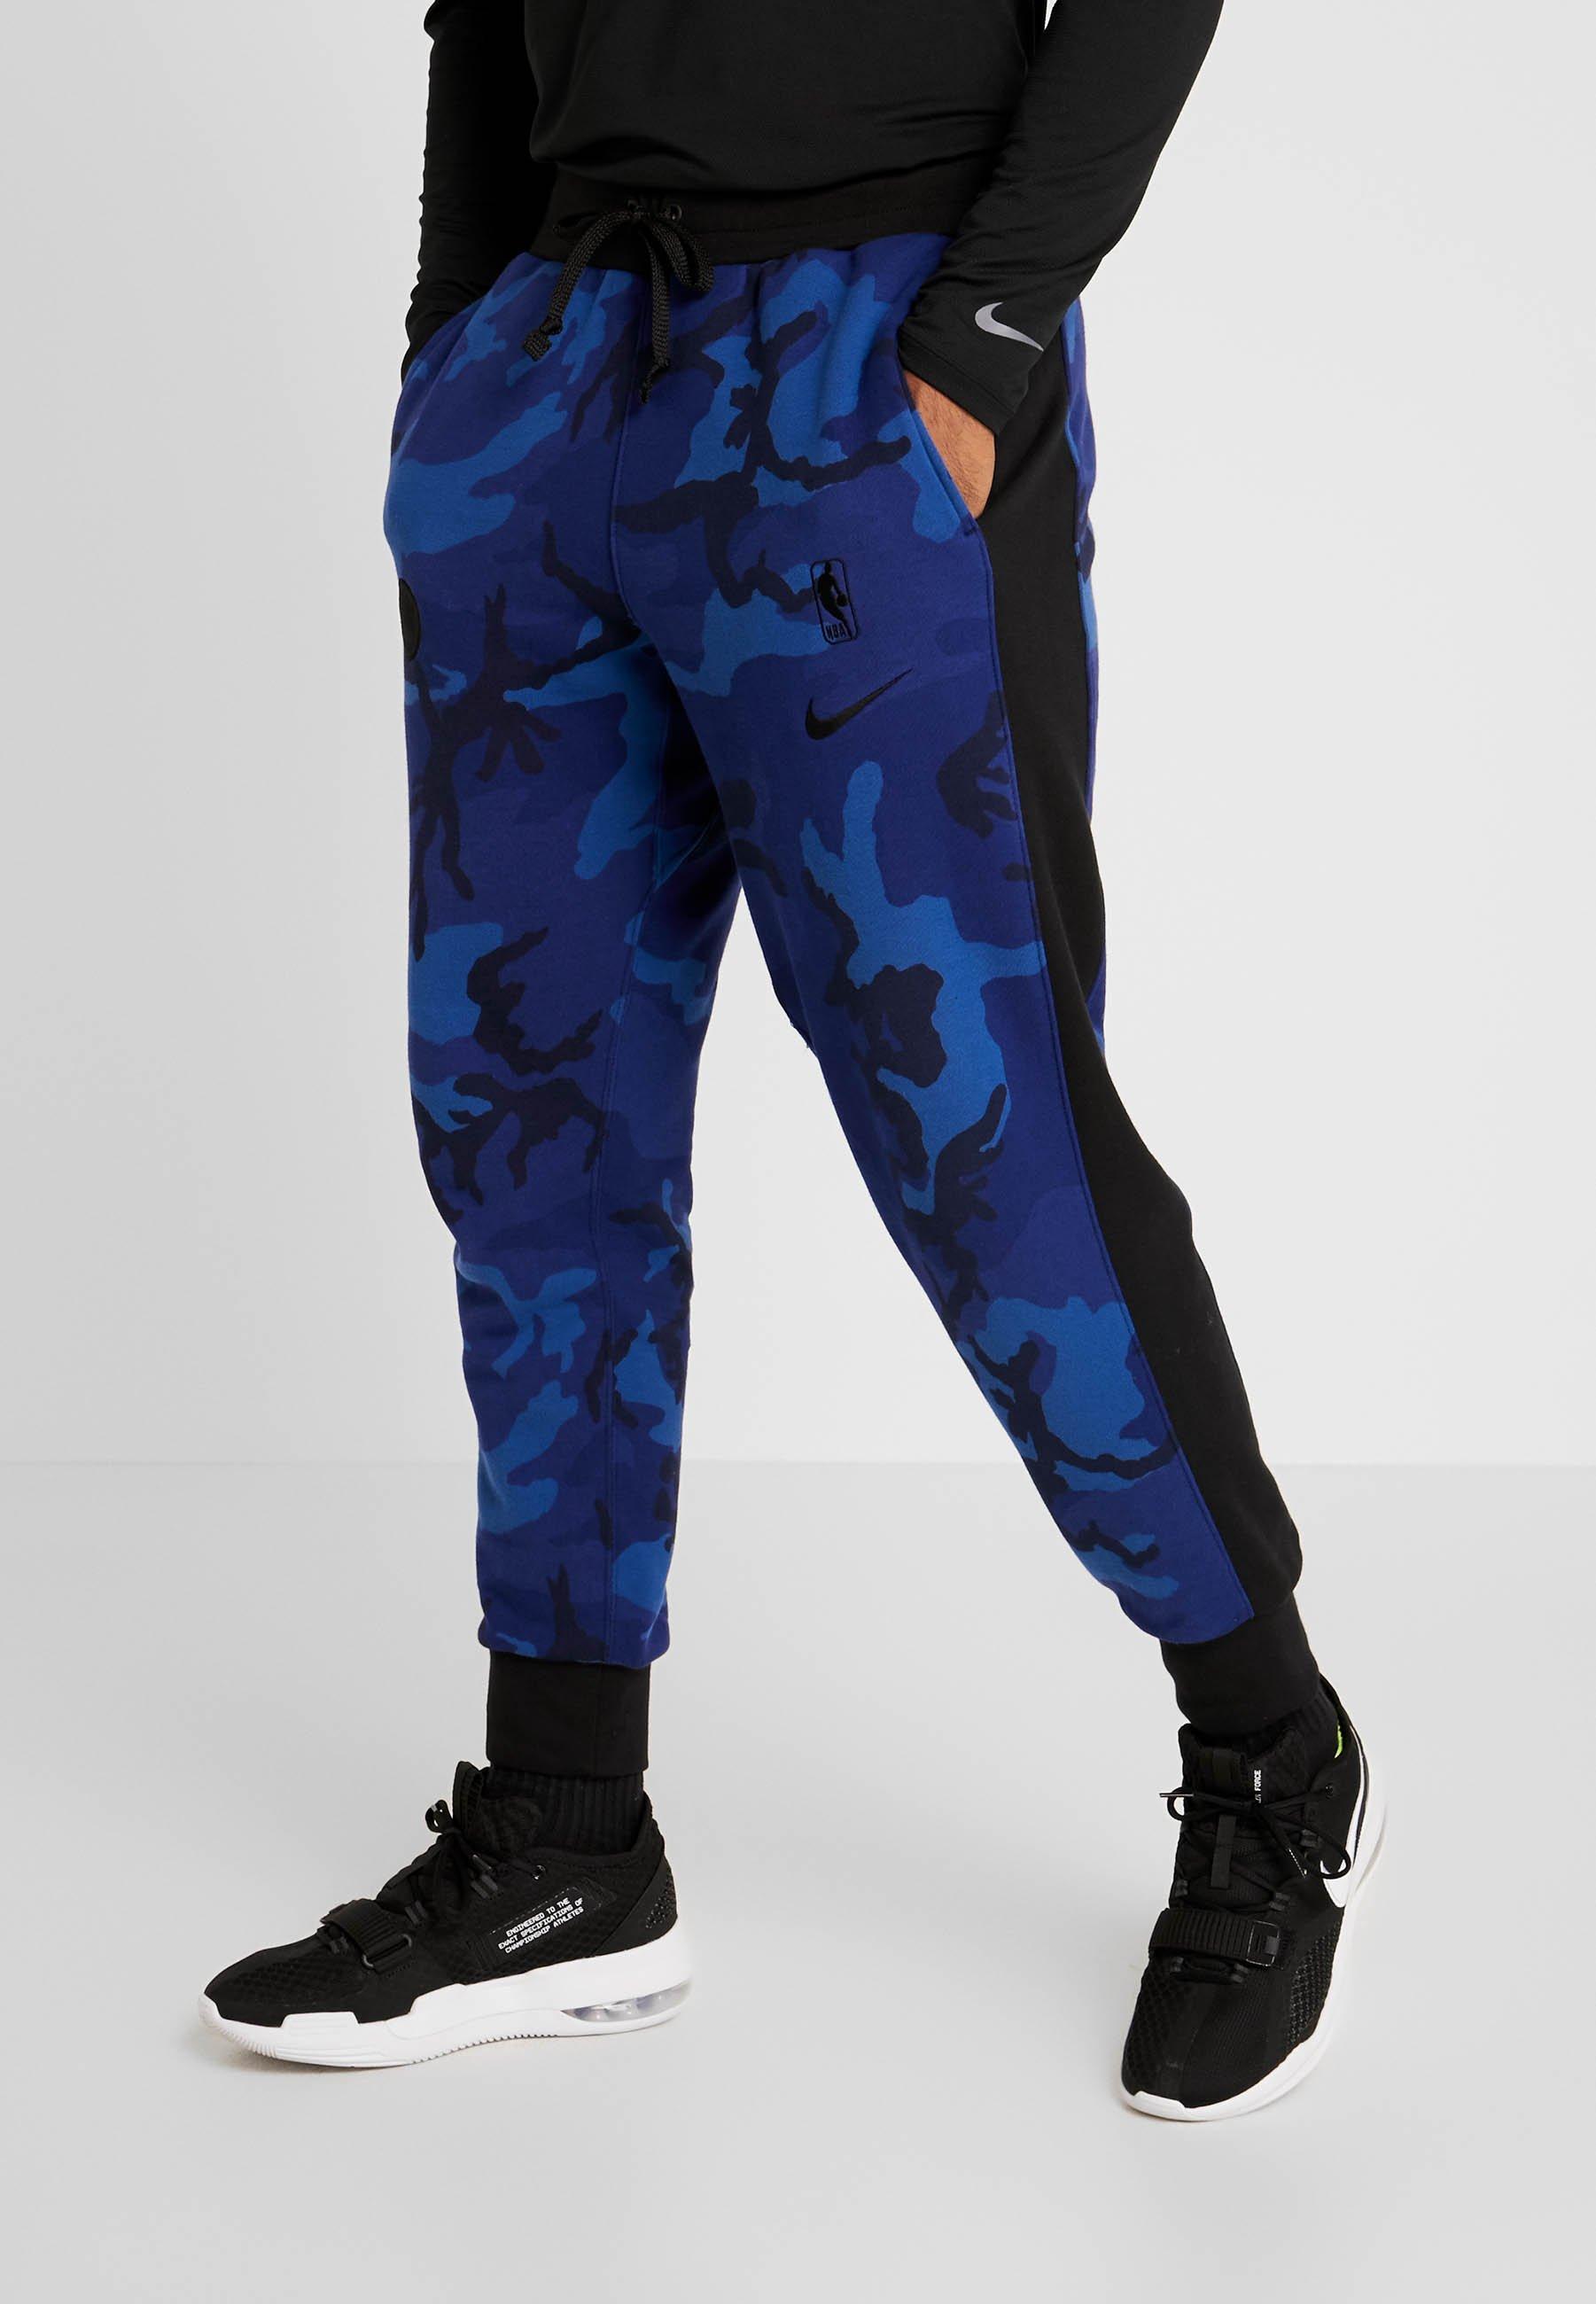 Camo Survêtement black PantPantalon Nba Performance State De Nike Warriors Golden Blue Rush kiOPXZTu